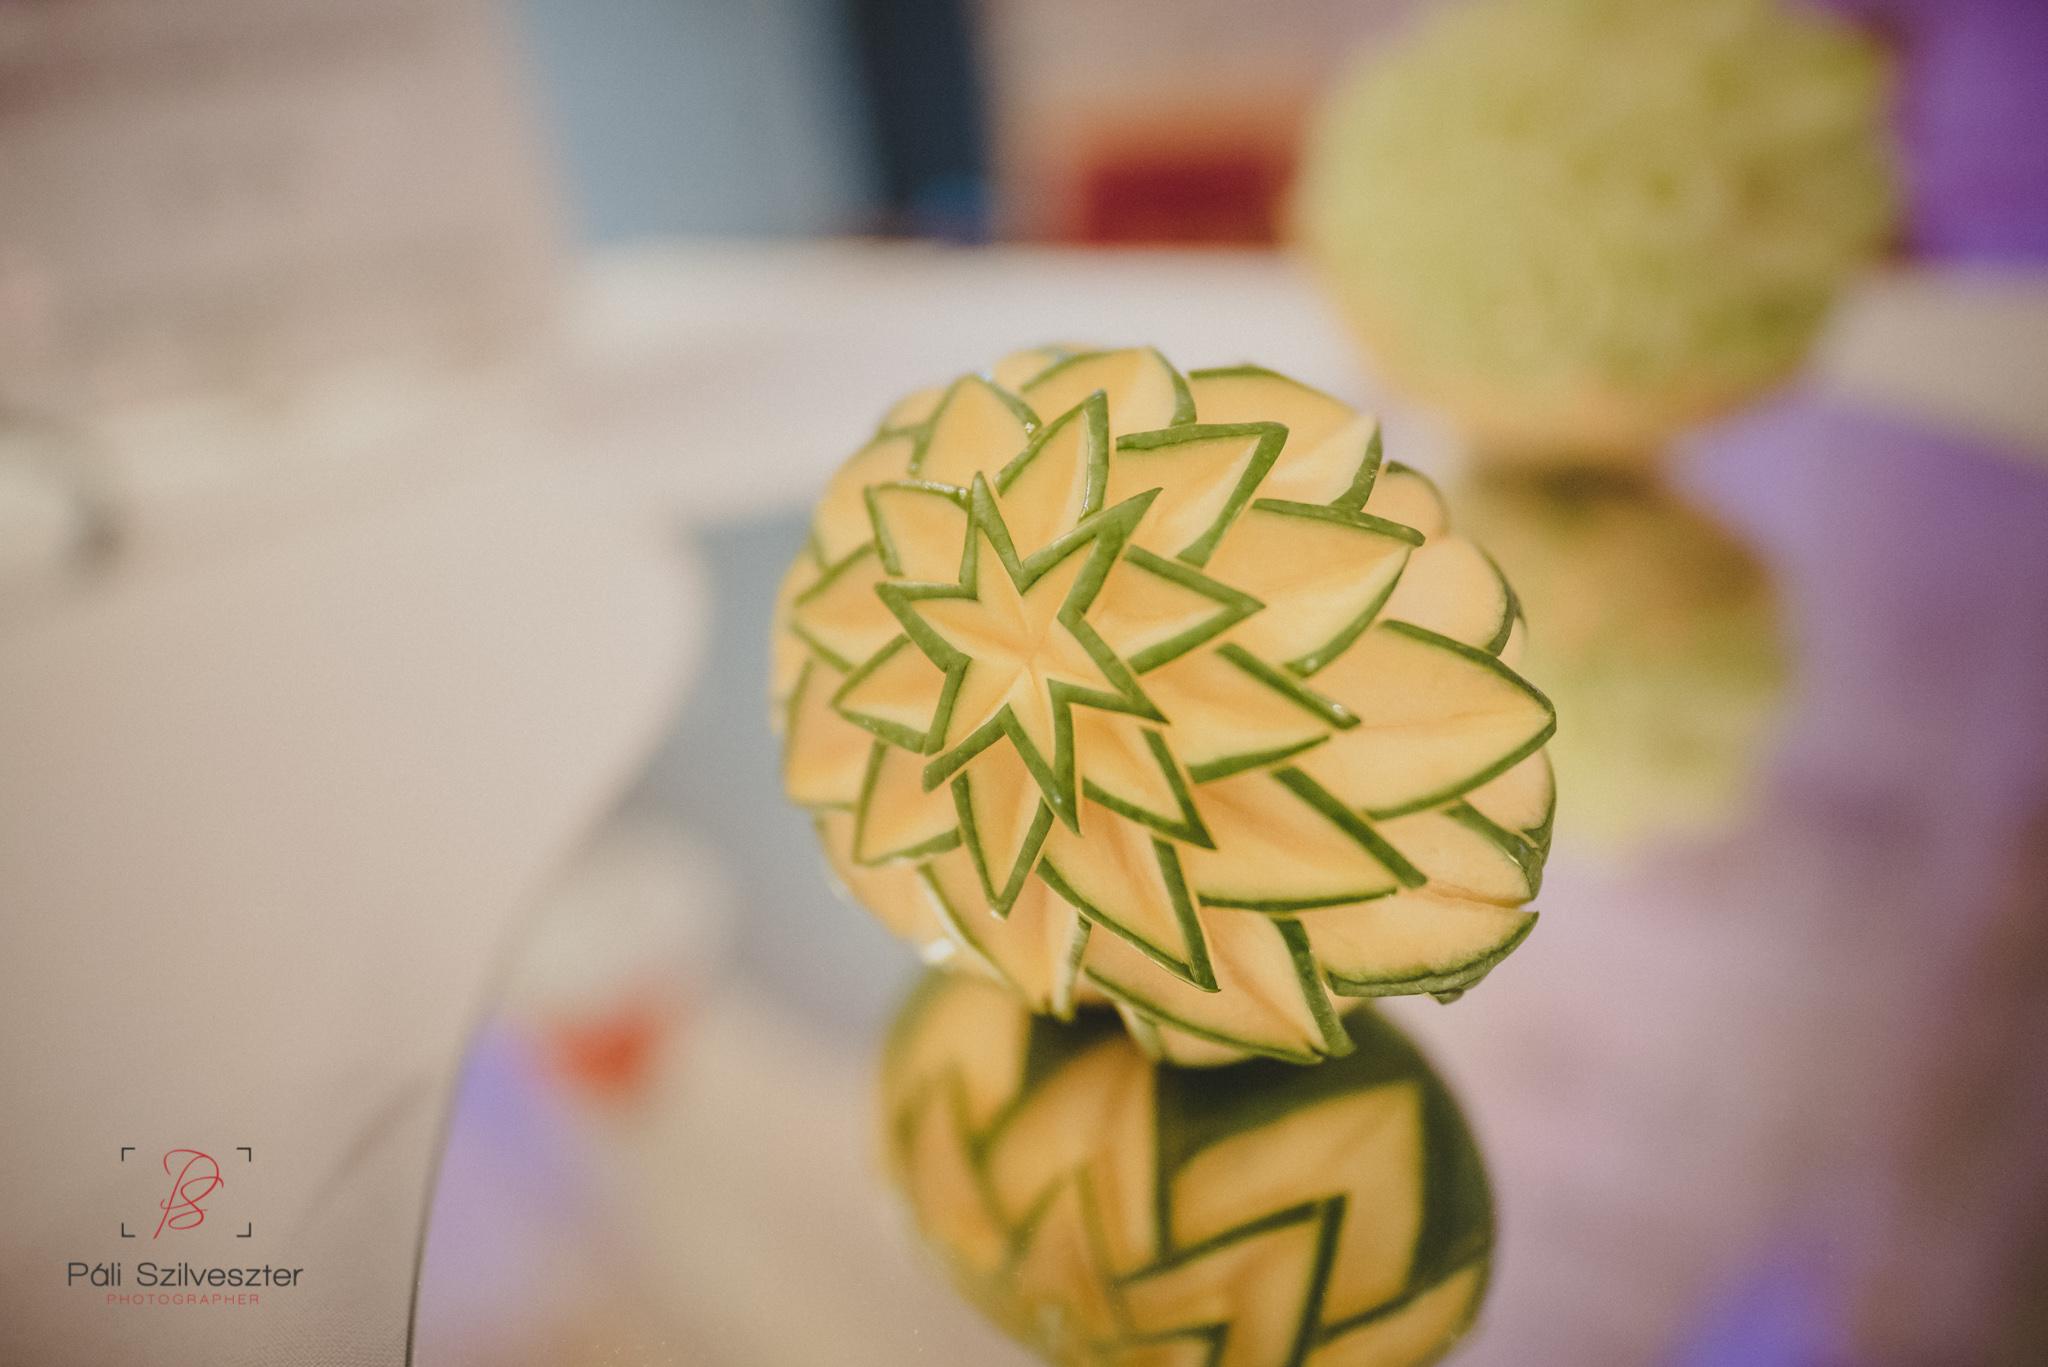 Páli-Szilveszter-székesfehérvári-esküvői-fotós-esztergom-prímás-pince-esüvőkiállítás-2016-01-23-70501.jpg